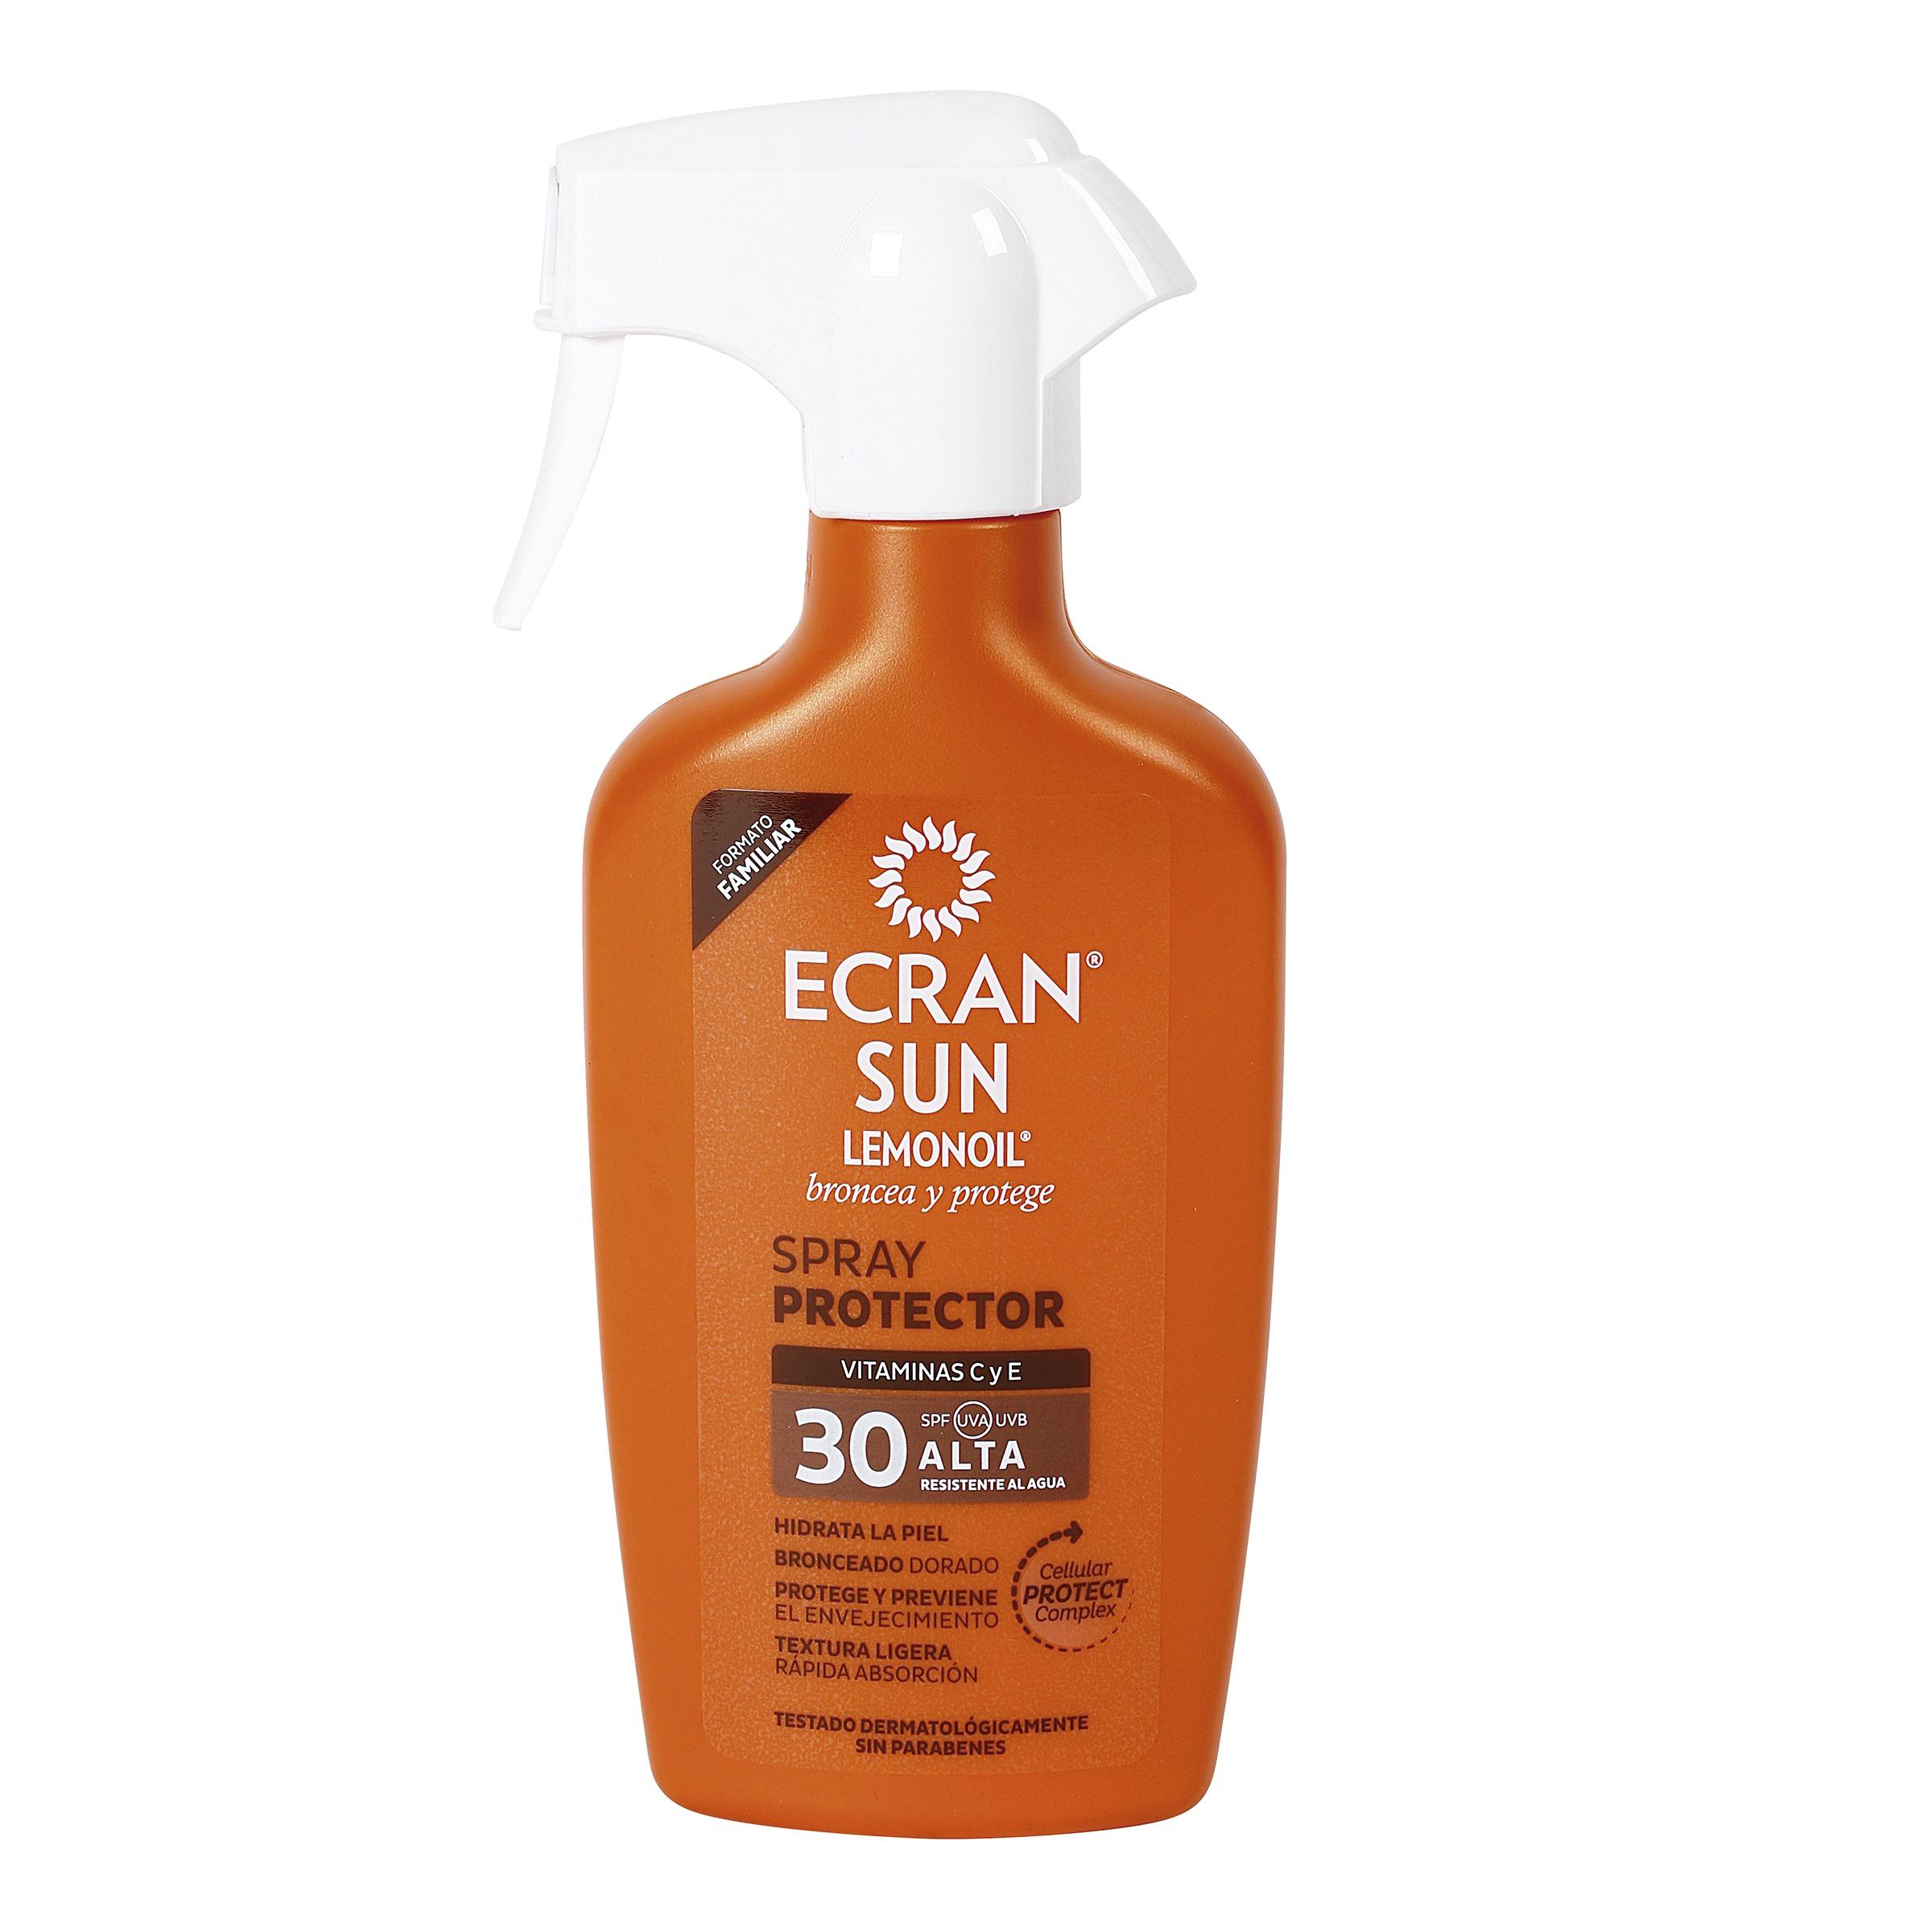 Ecran sun spray solar protector spf 30 pistola 300 ml for Ecran photo sun